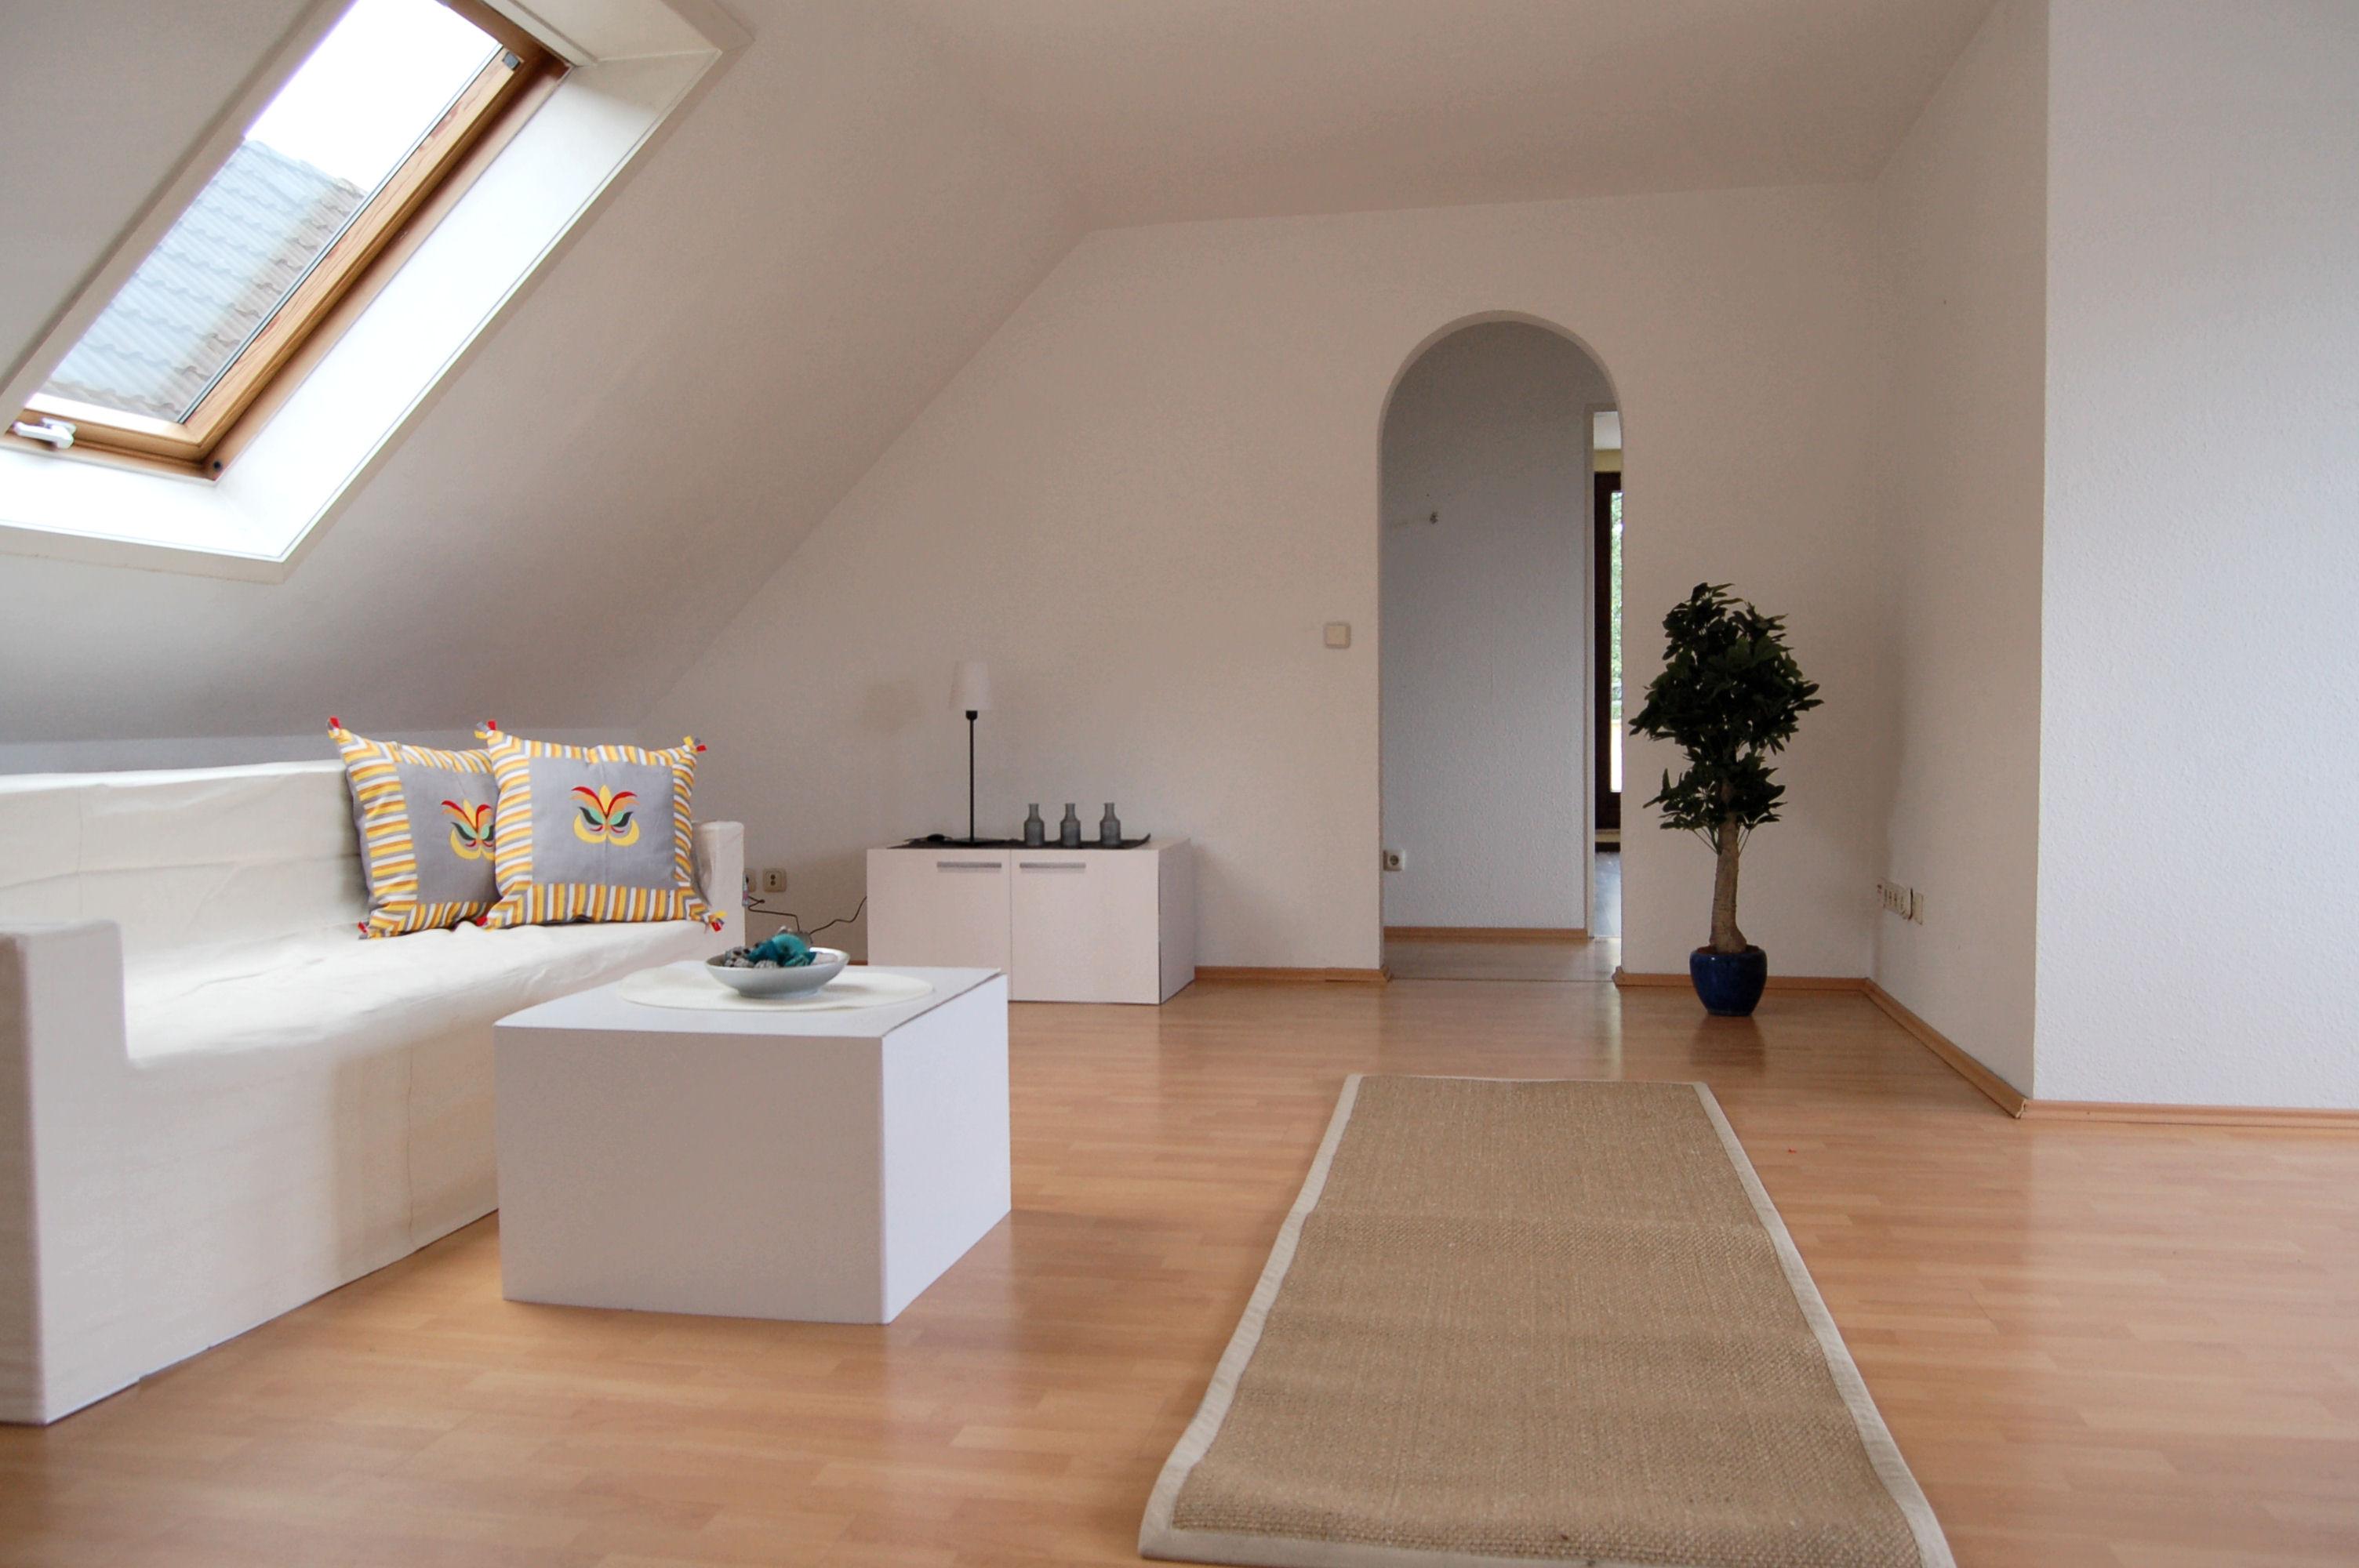 Wohnbereich_1_1000x665 - Dachgeschosswohnung mit Flair, der perfekte Start für die junge Familie.